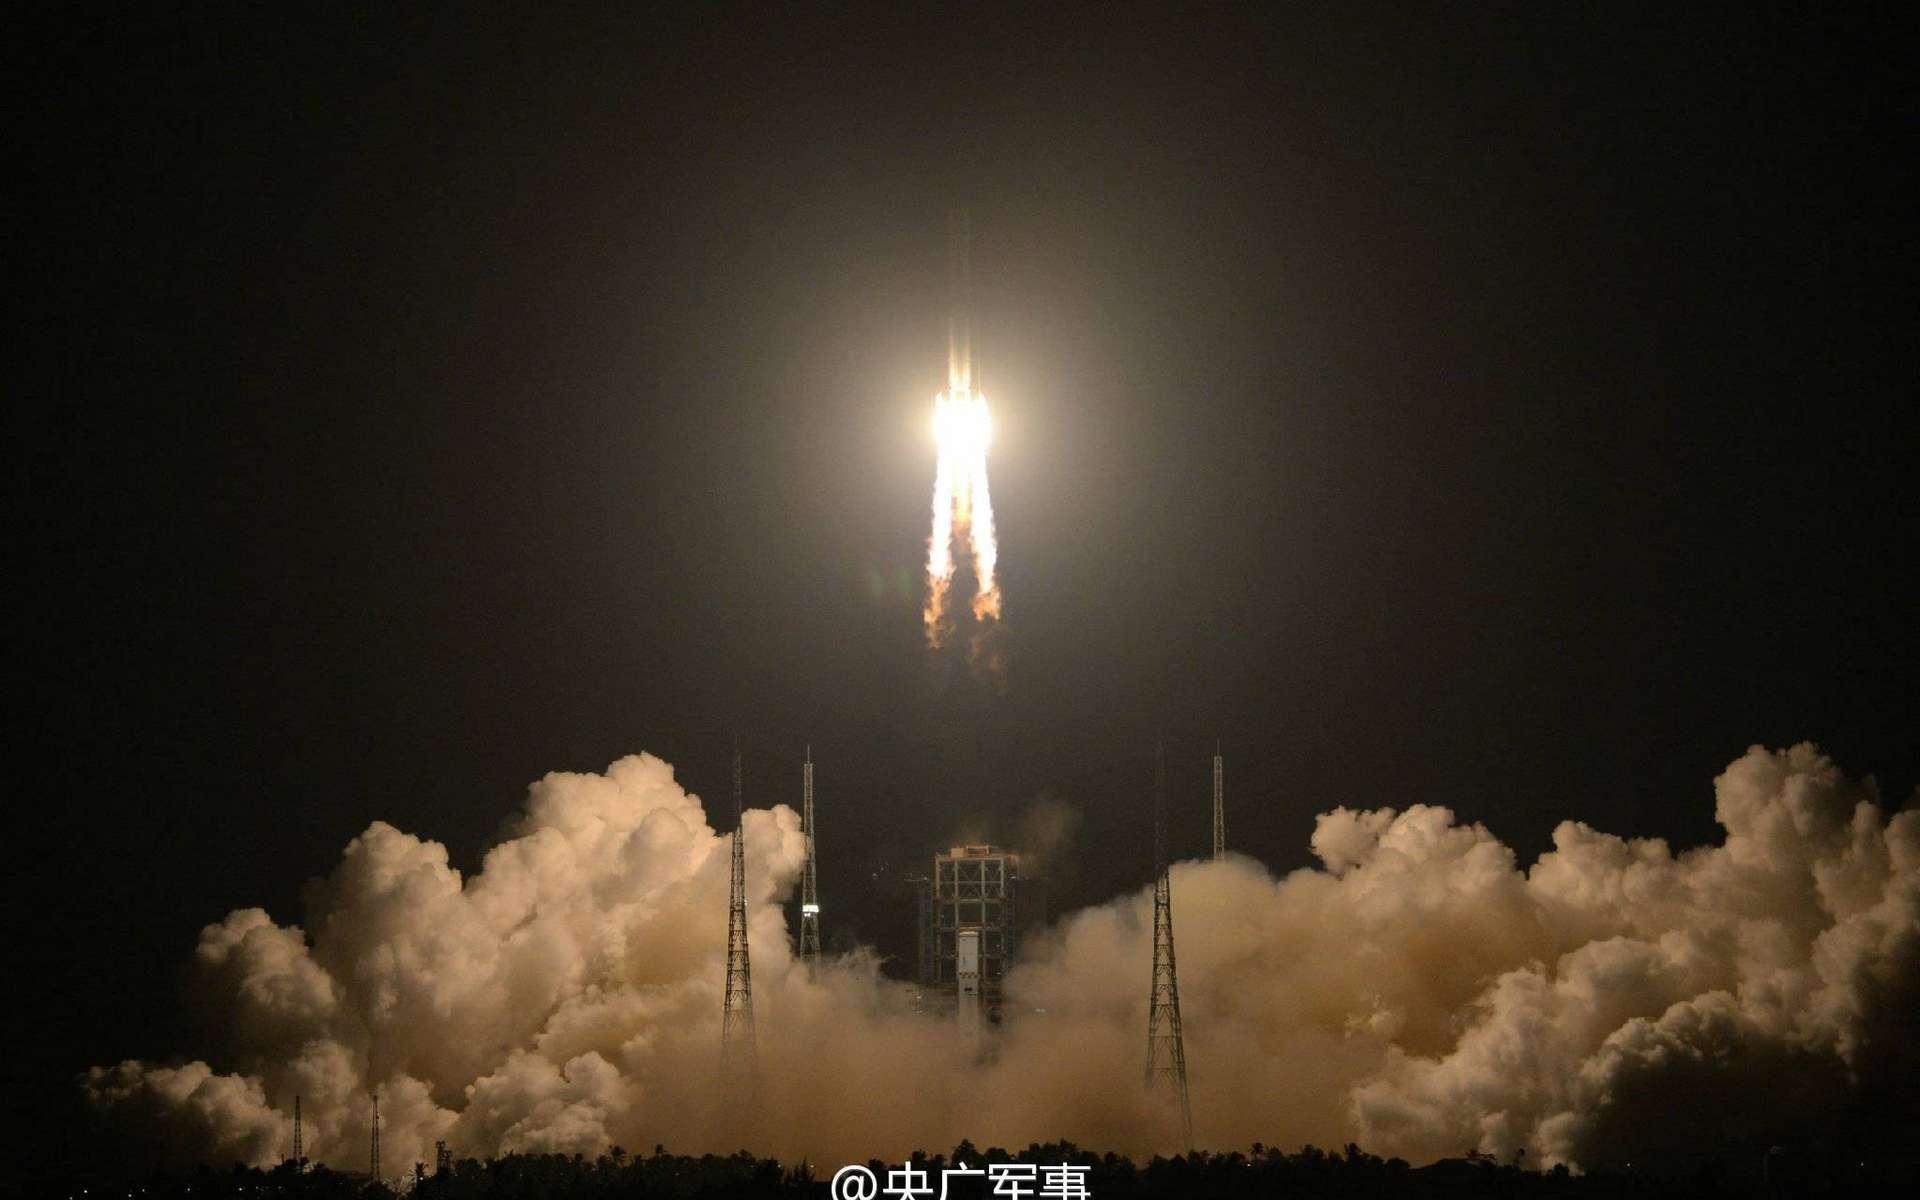 Décollage du Longue Marche 5 (CZ-5) pour son premier vol d'essai, le 3 novembre, depuis Wenchang, le nouveau site de lancement chinois situé sur l'île d'Hainan. © DR